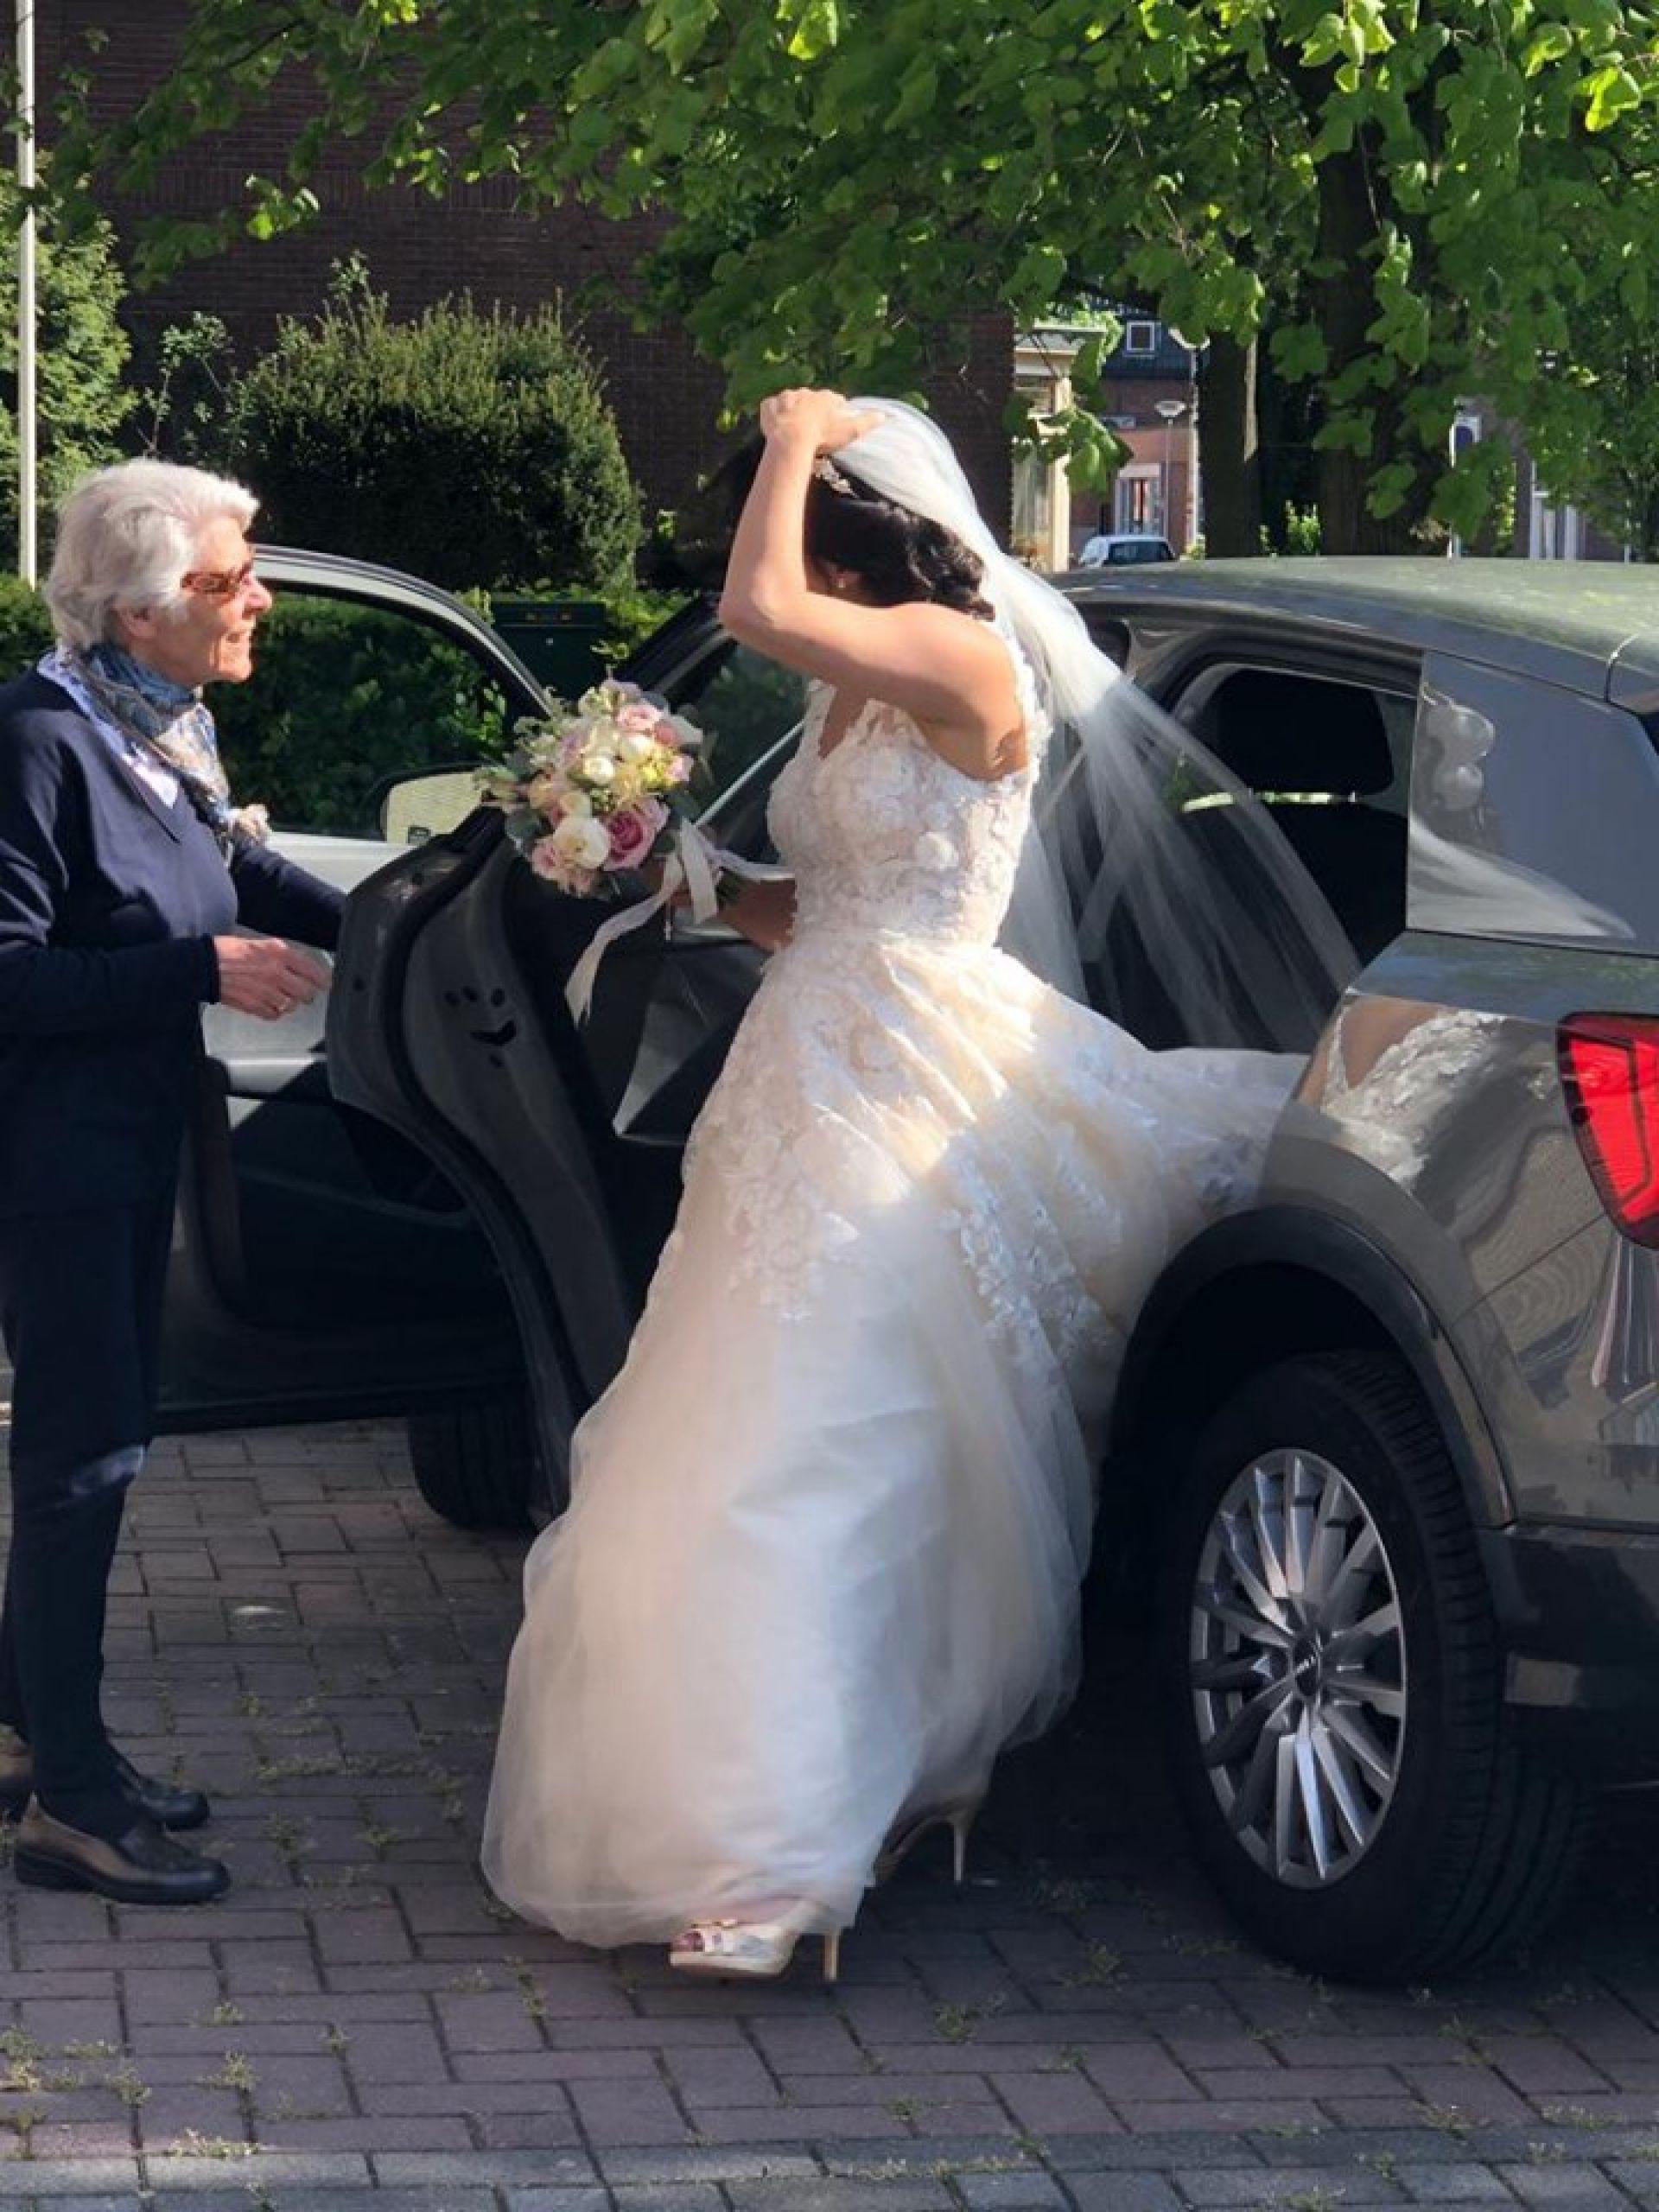 Deldense heldin gezocht door bruidspaar